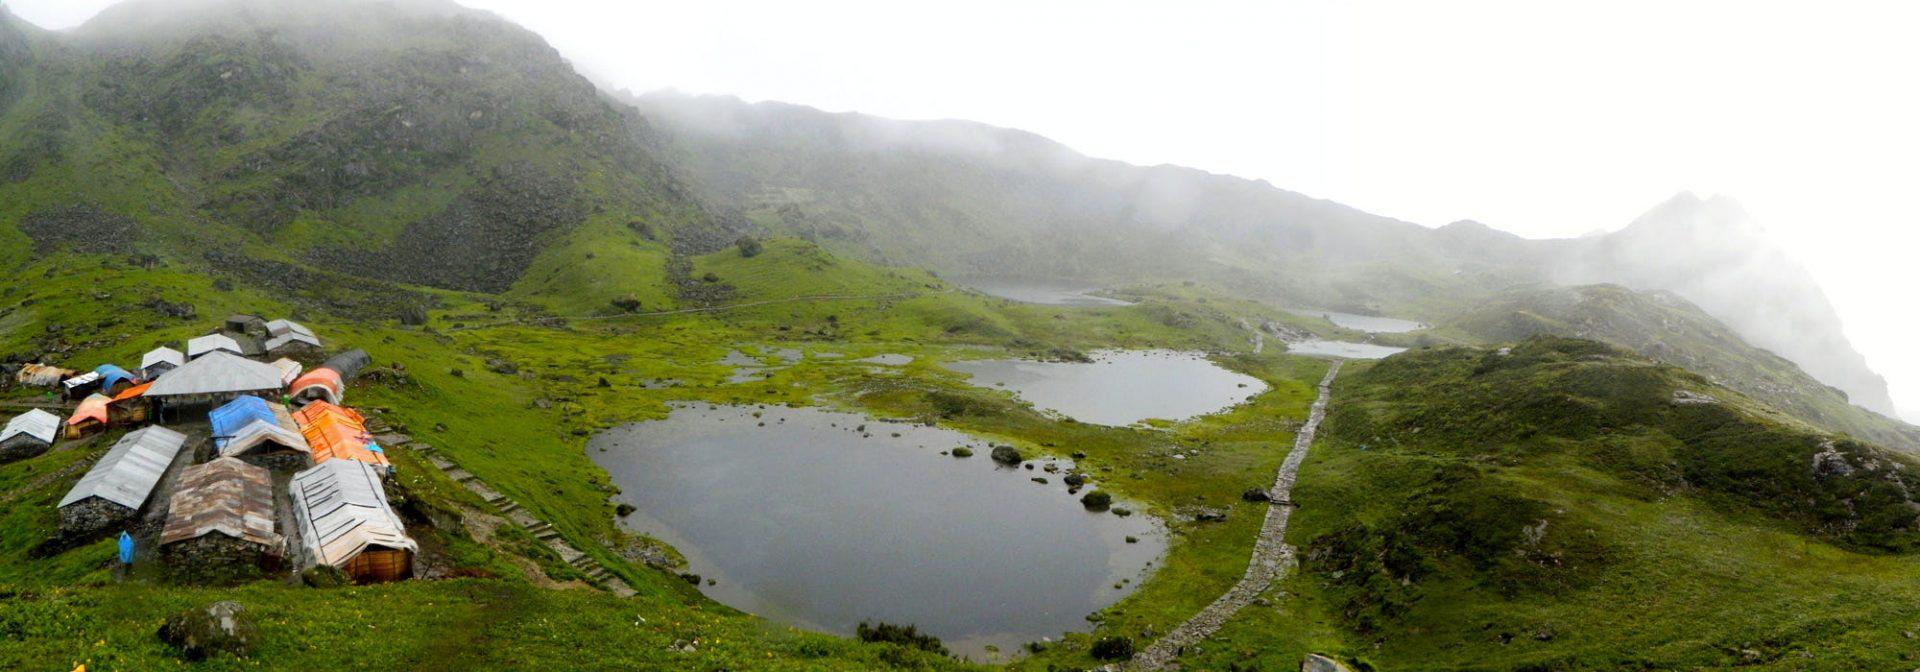 paanch pokhari nepal